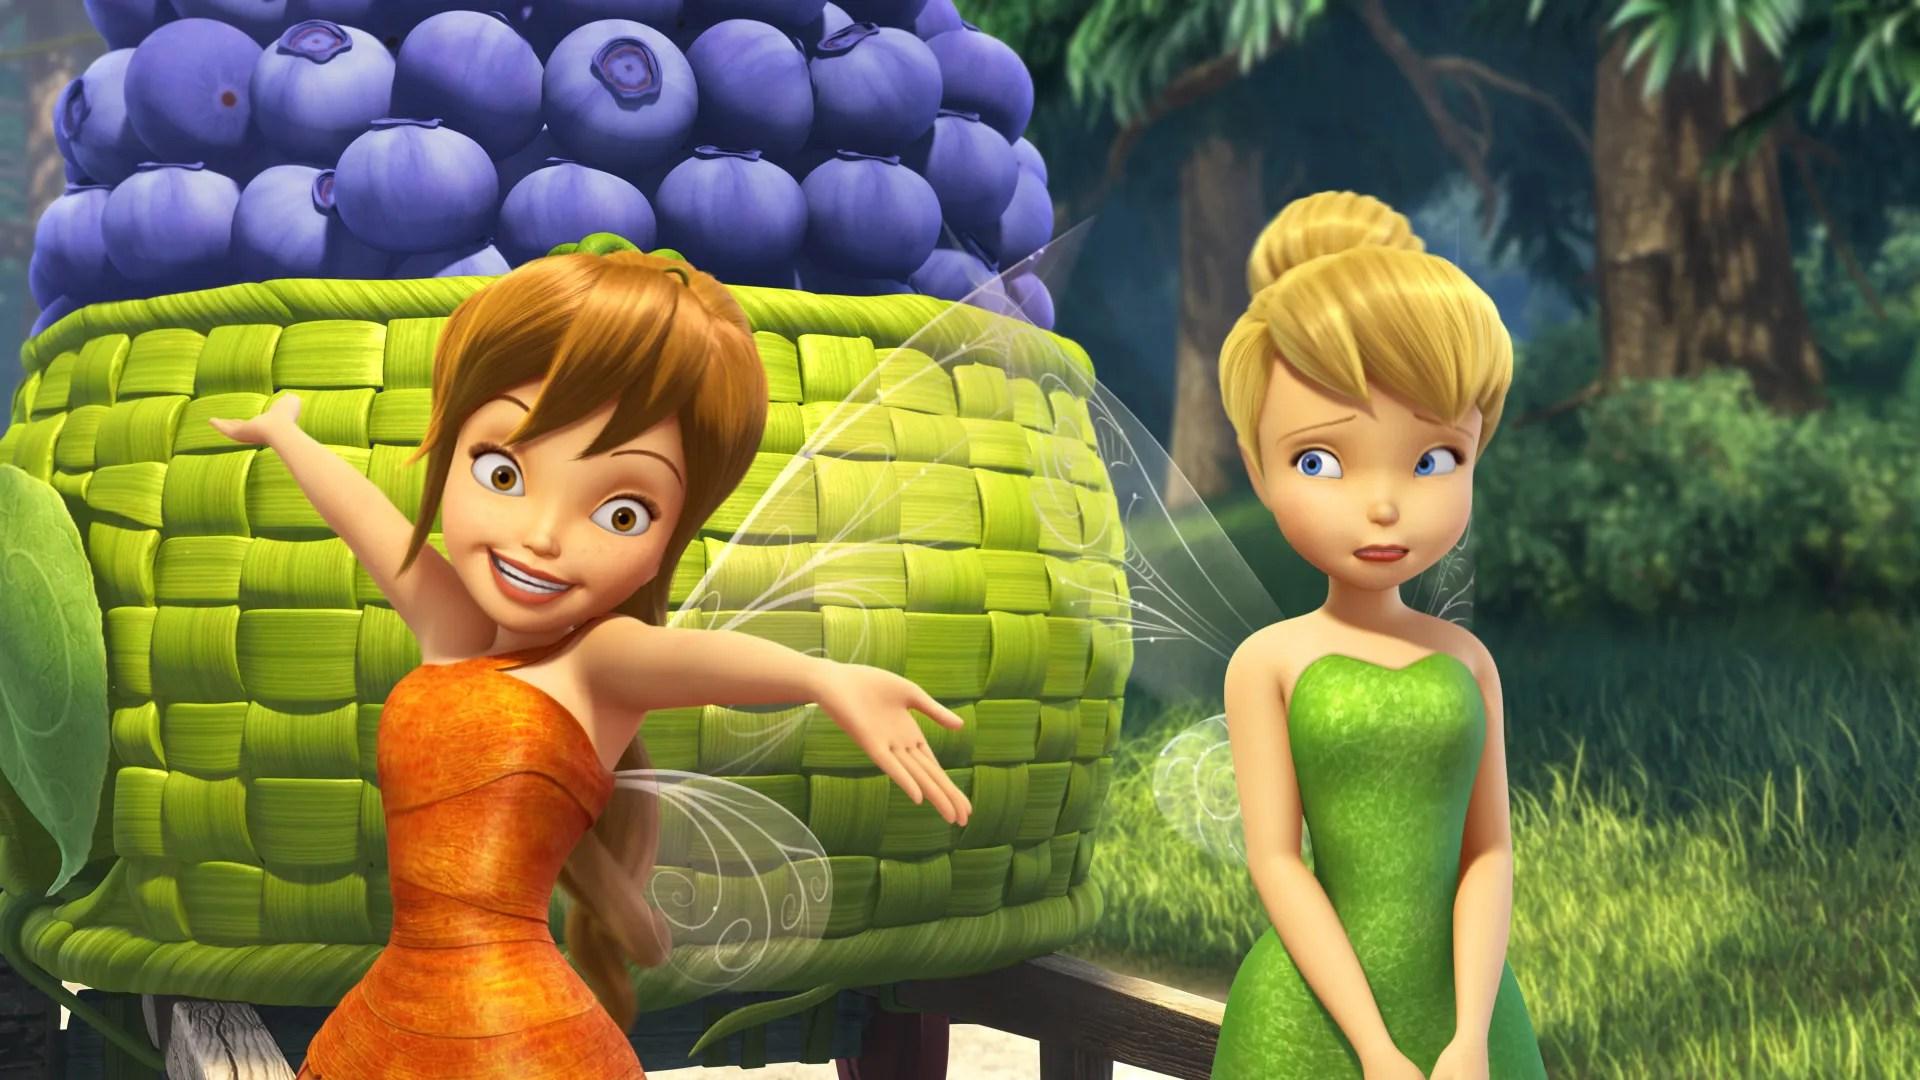 Ta Da Ginnifer Goodwin Turns Into Tinker Bell S Best Friend Fairy Exclusive